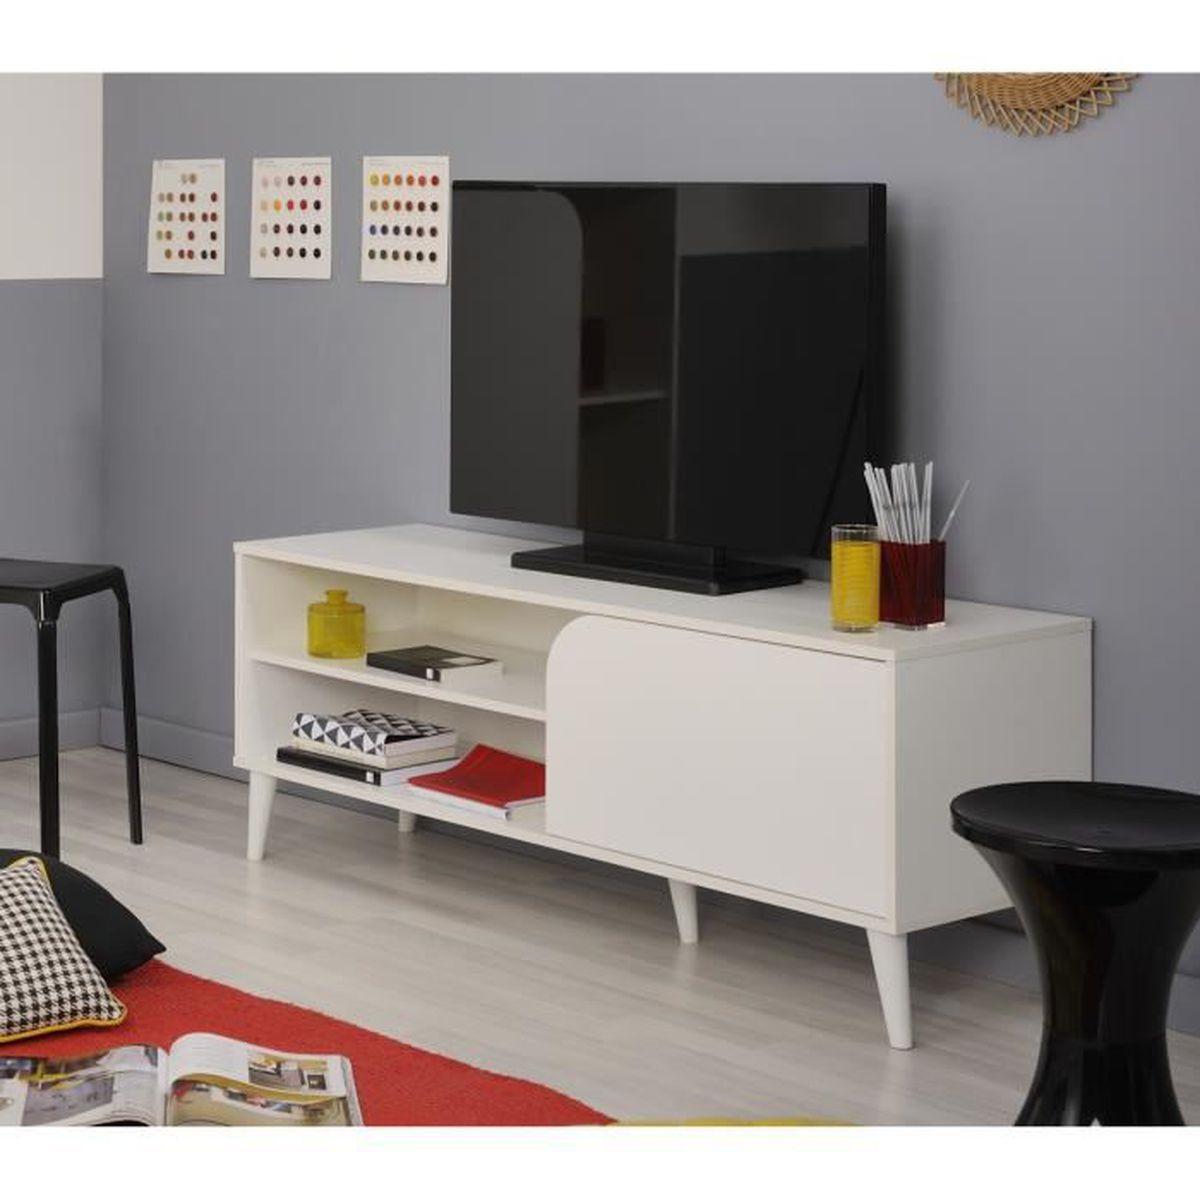 meuble tv vintage achat vente meuble tv vintage pas. Black Bedroom Furniture Sets. Home Design Ideas